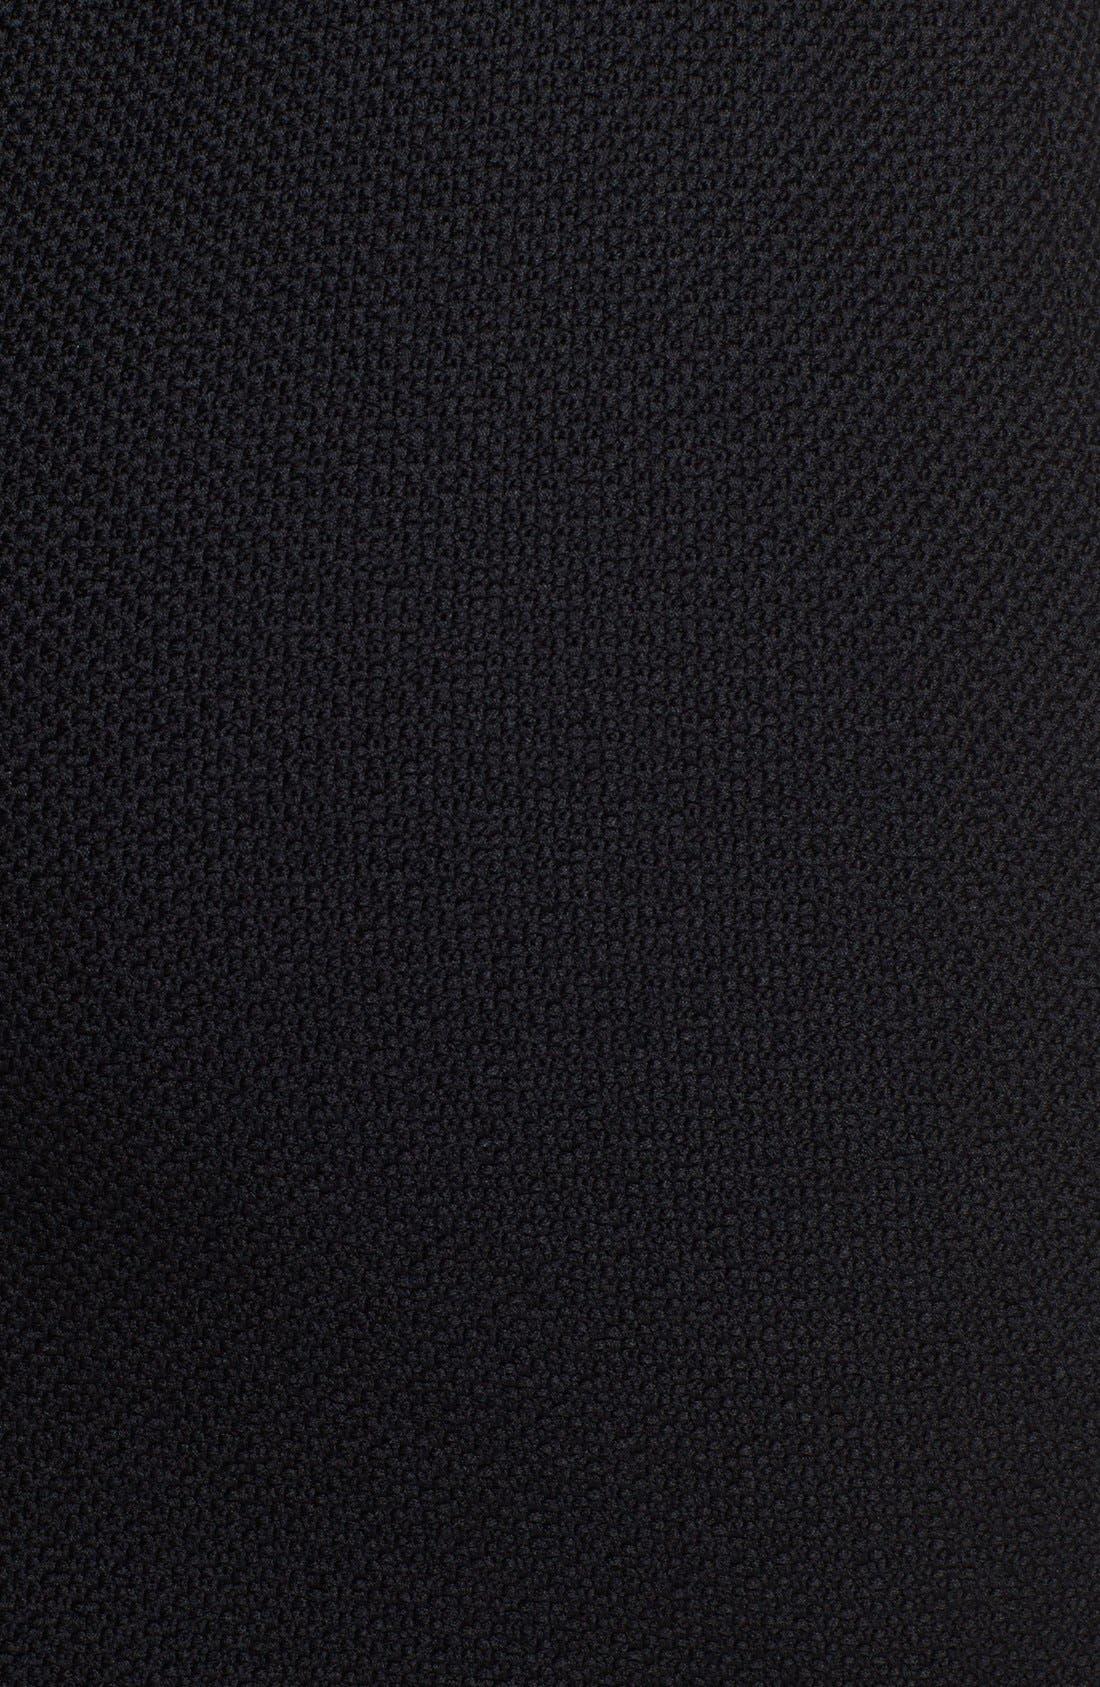 Nouveau Bouclé Knit Skirt,                             Alternate thumbnail 3, color,